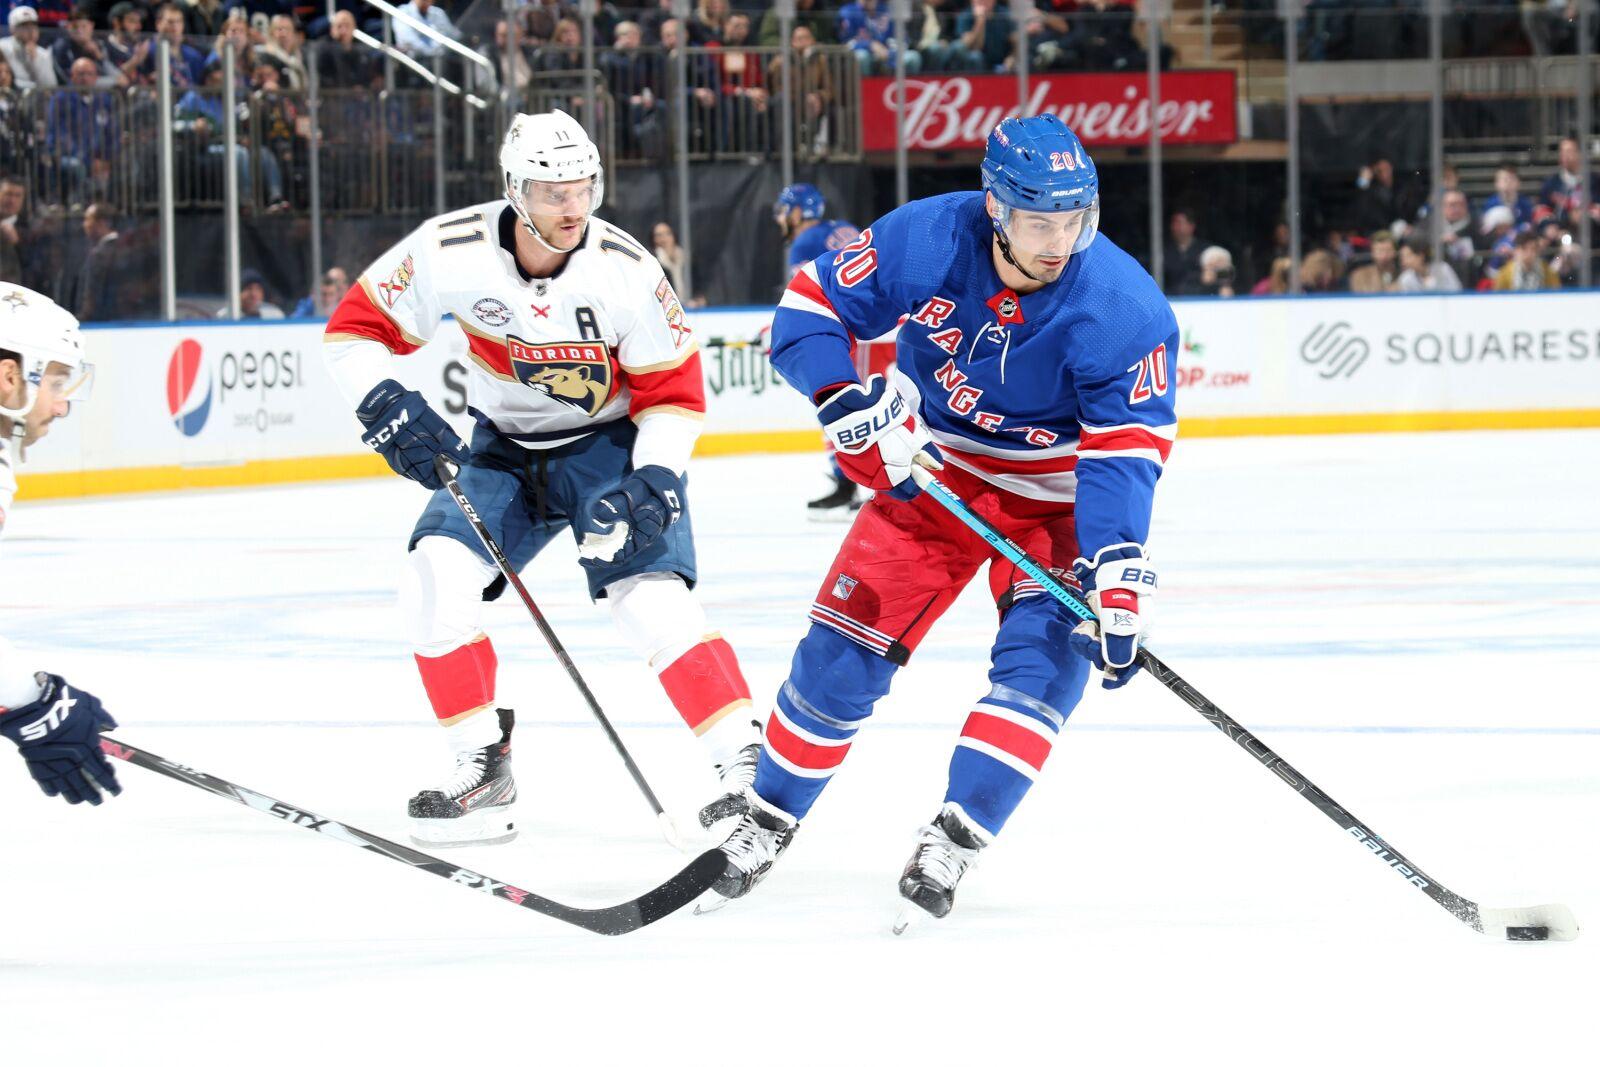 New York Rangers: Making the case for Chris Kreider as captain in waiting